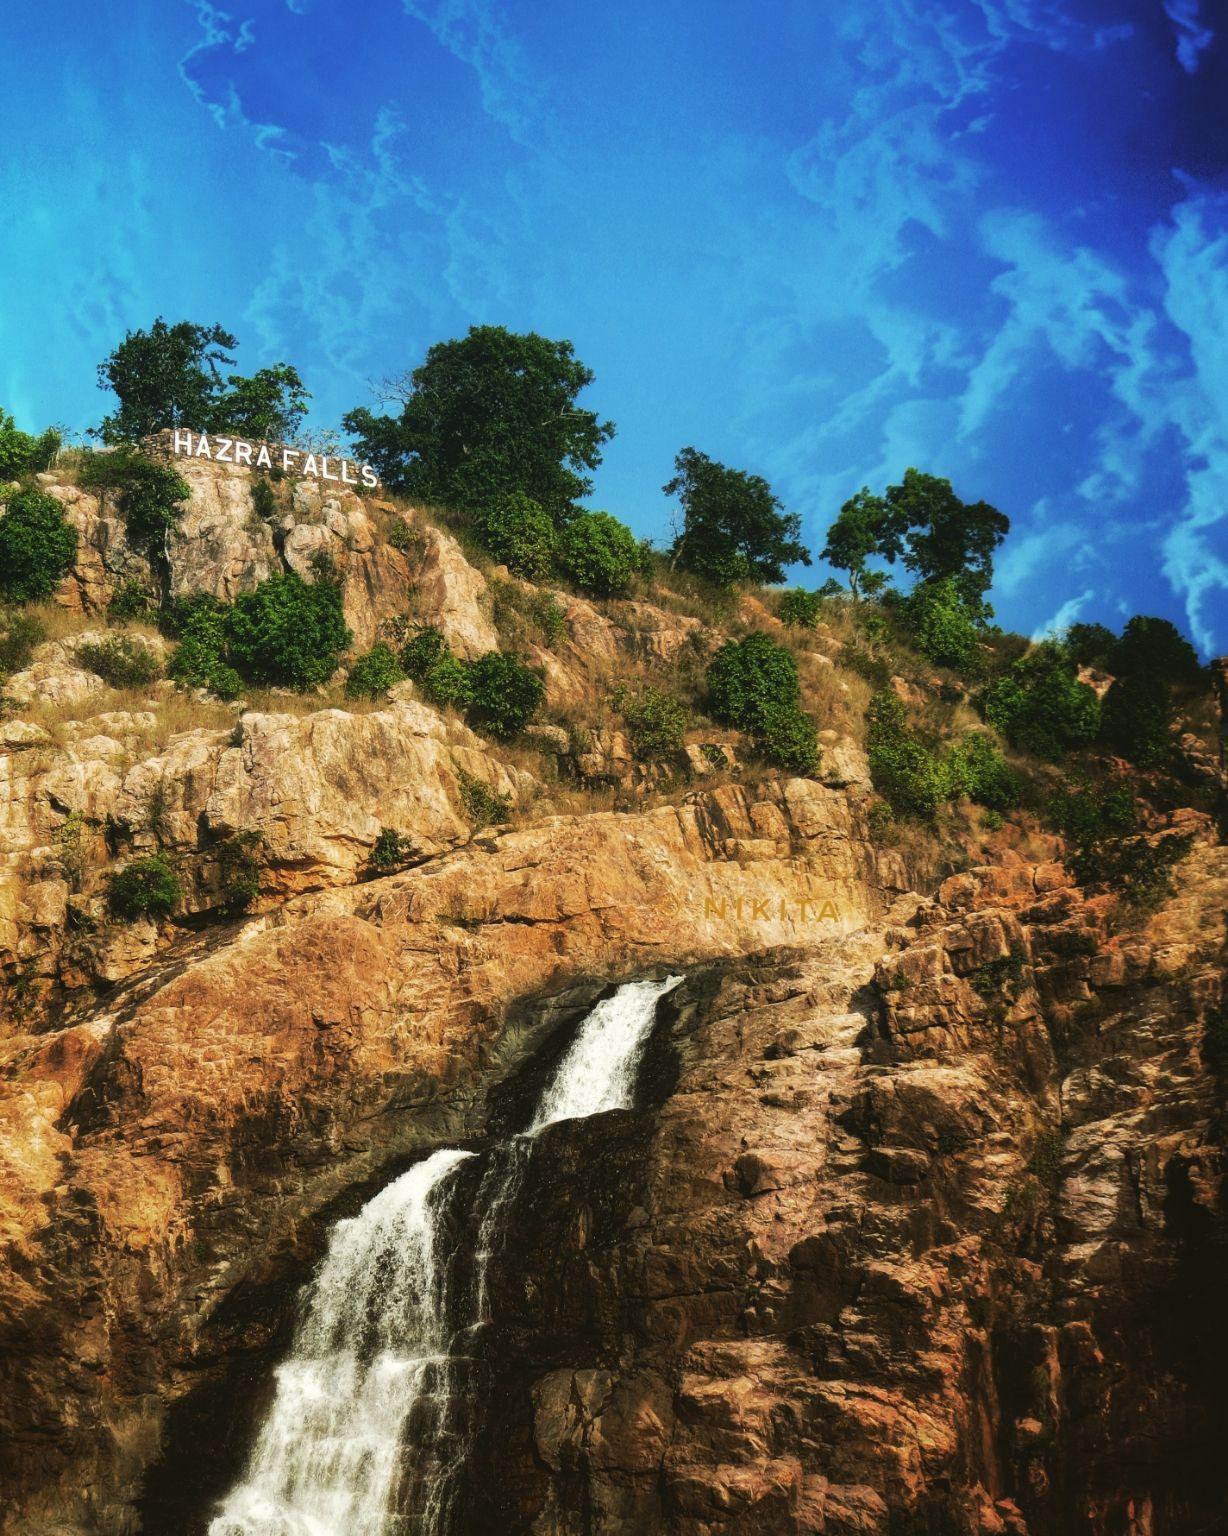 Photo of Hazra Falls By Nikita Saxena